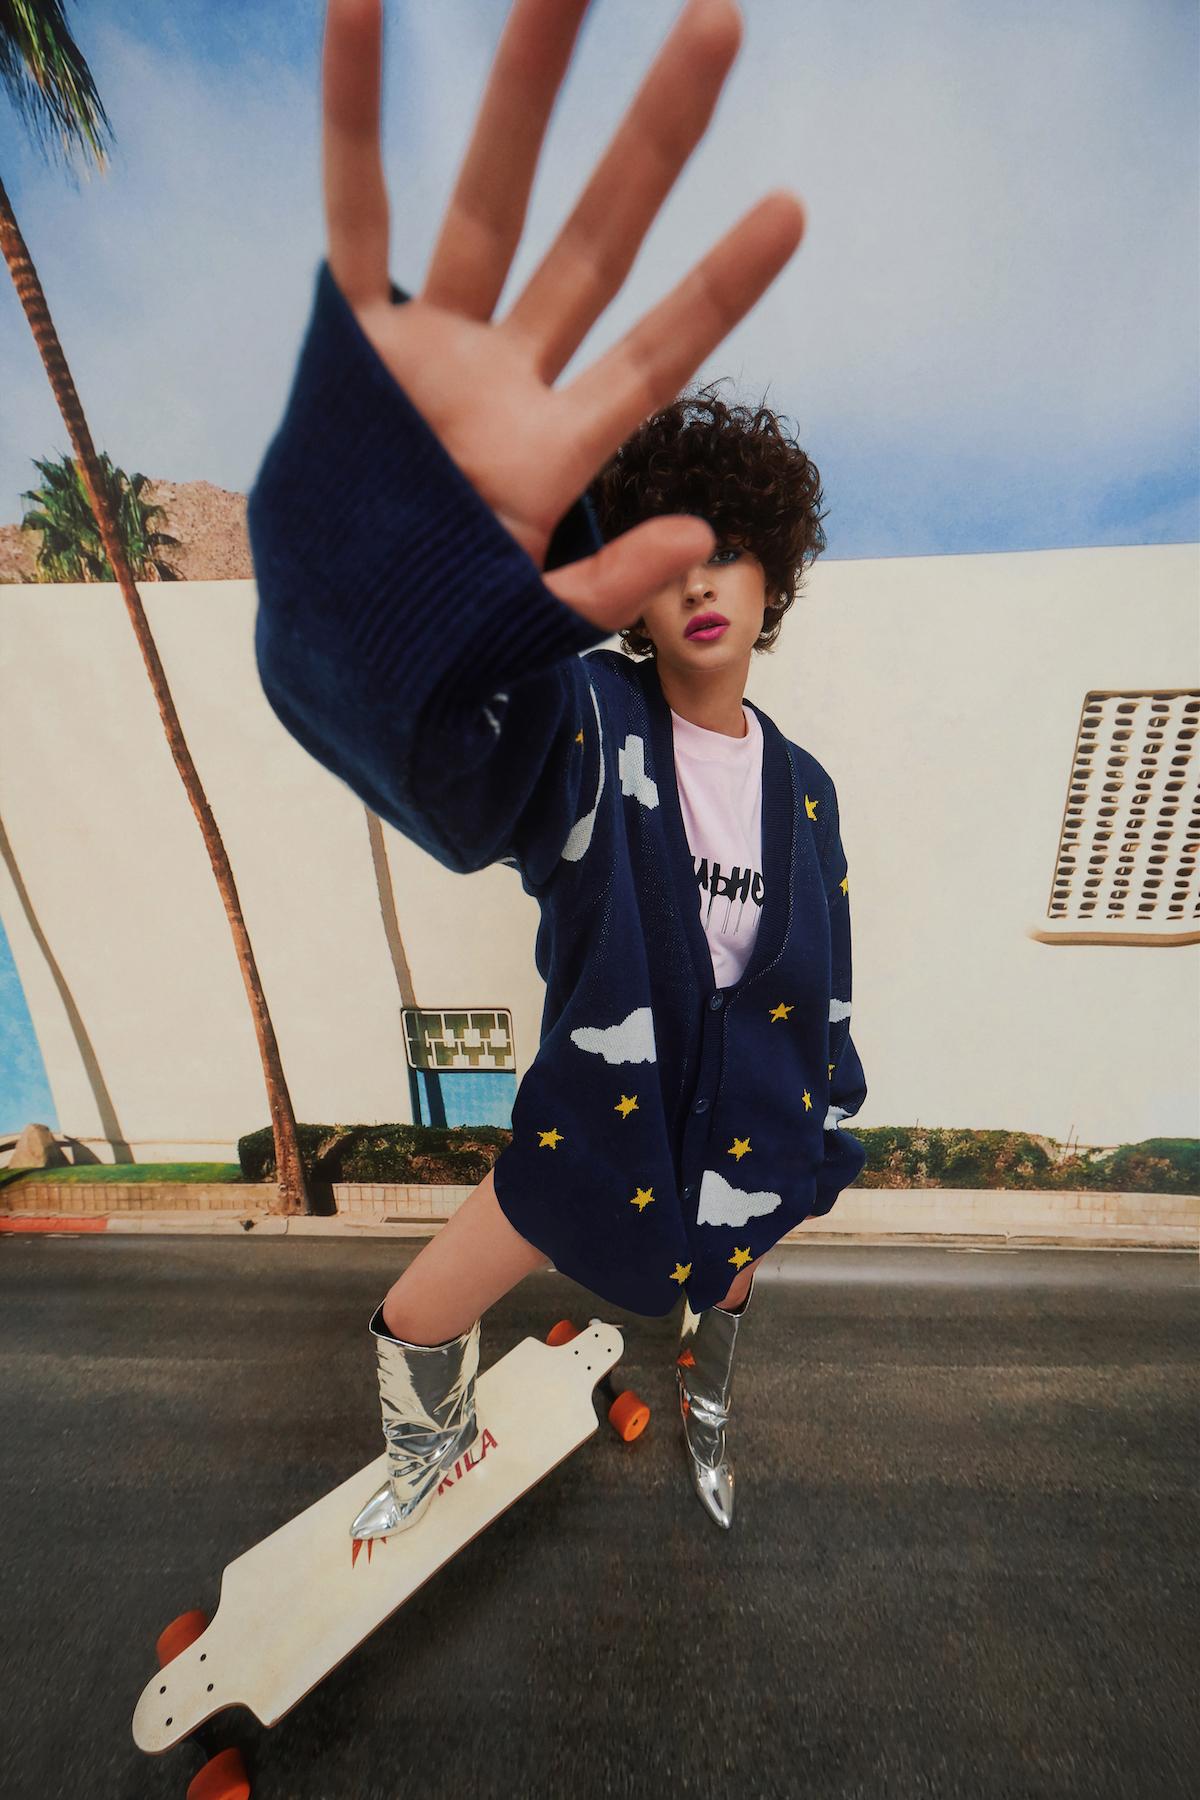 На фоне Лос-Анджелеса: кампейн новой коллекции Monatik РитмоLOVE